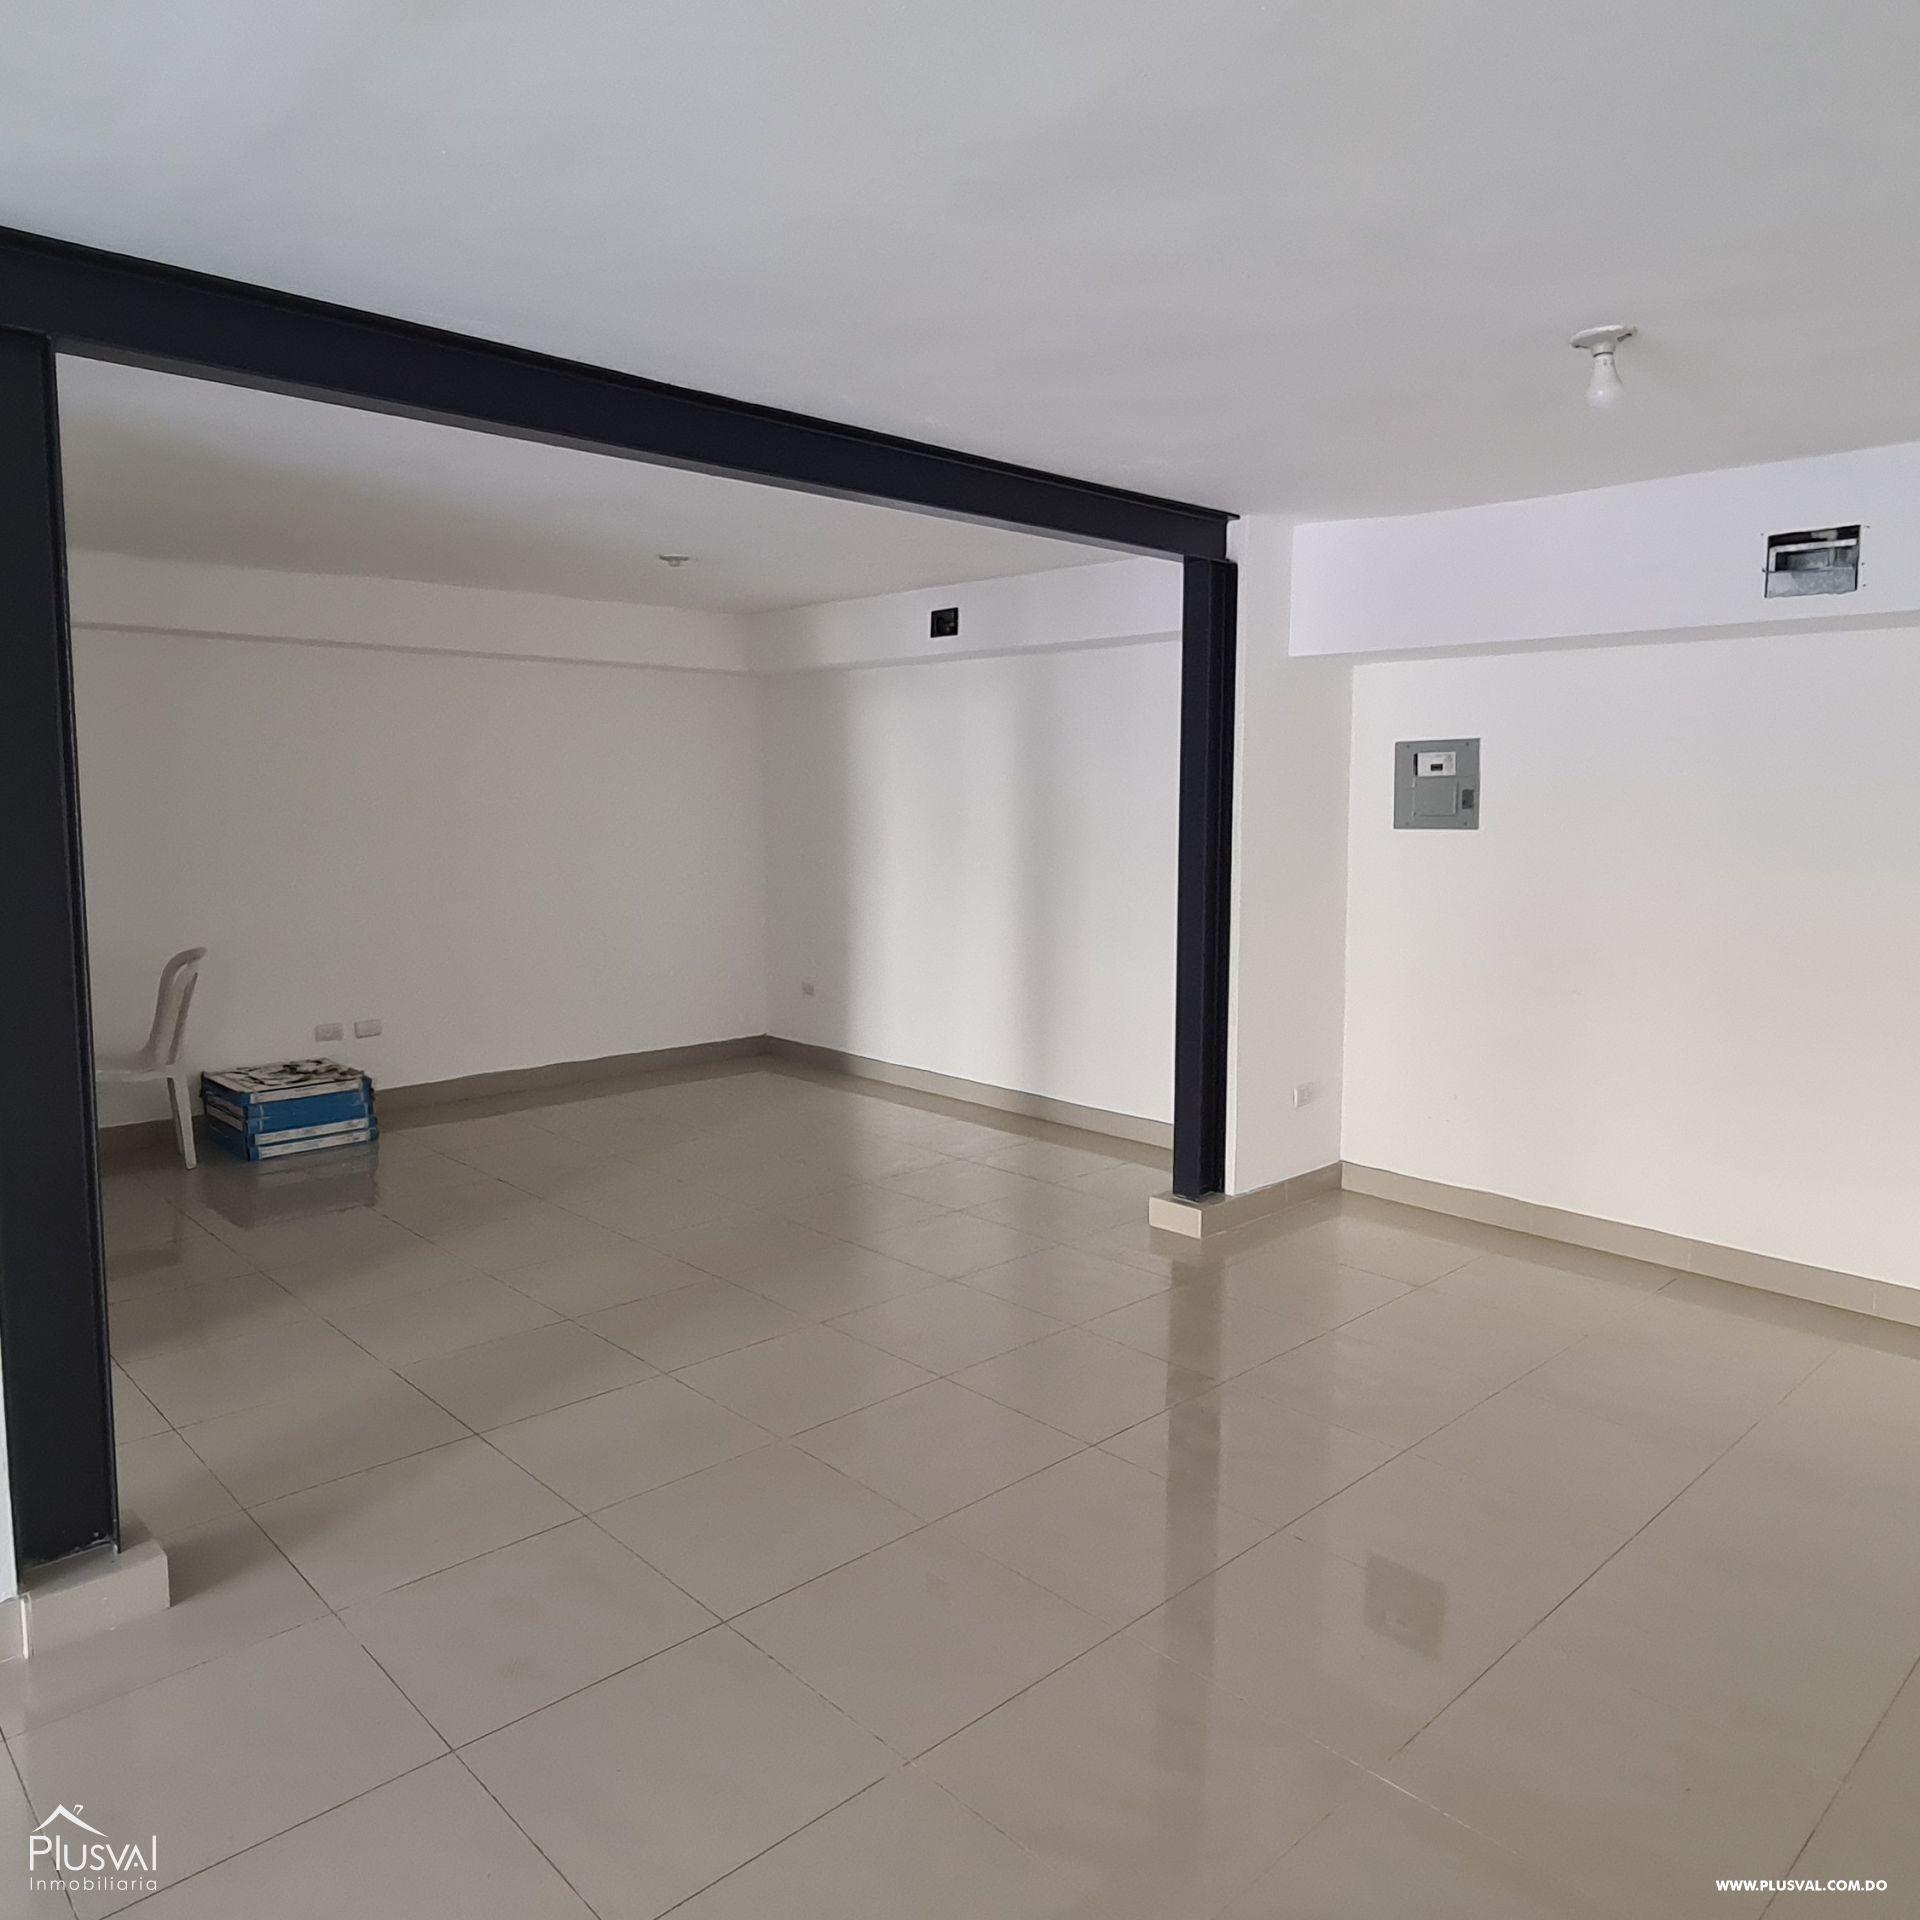 Plaza comercial con locales en alquiler, Piantini 172476